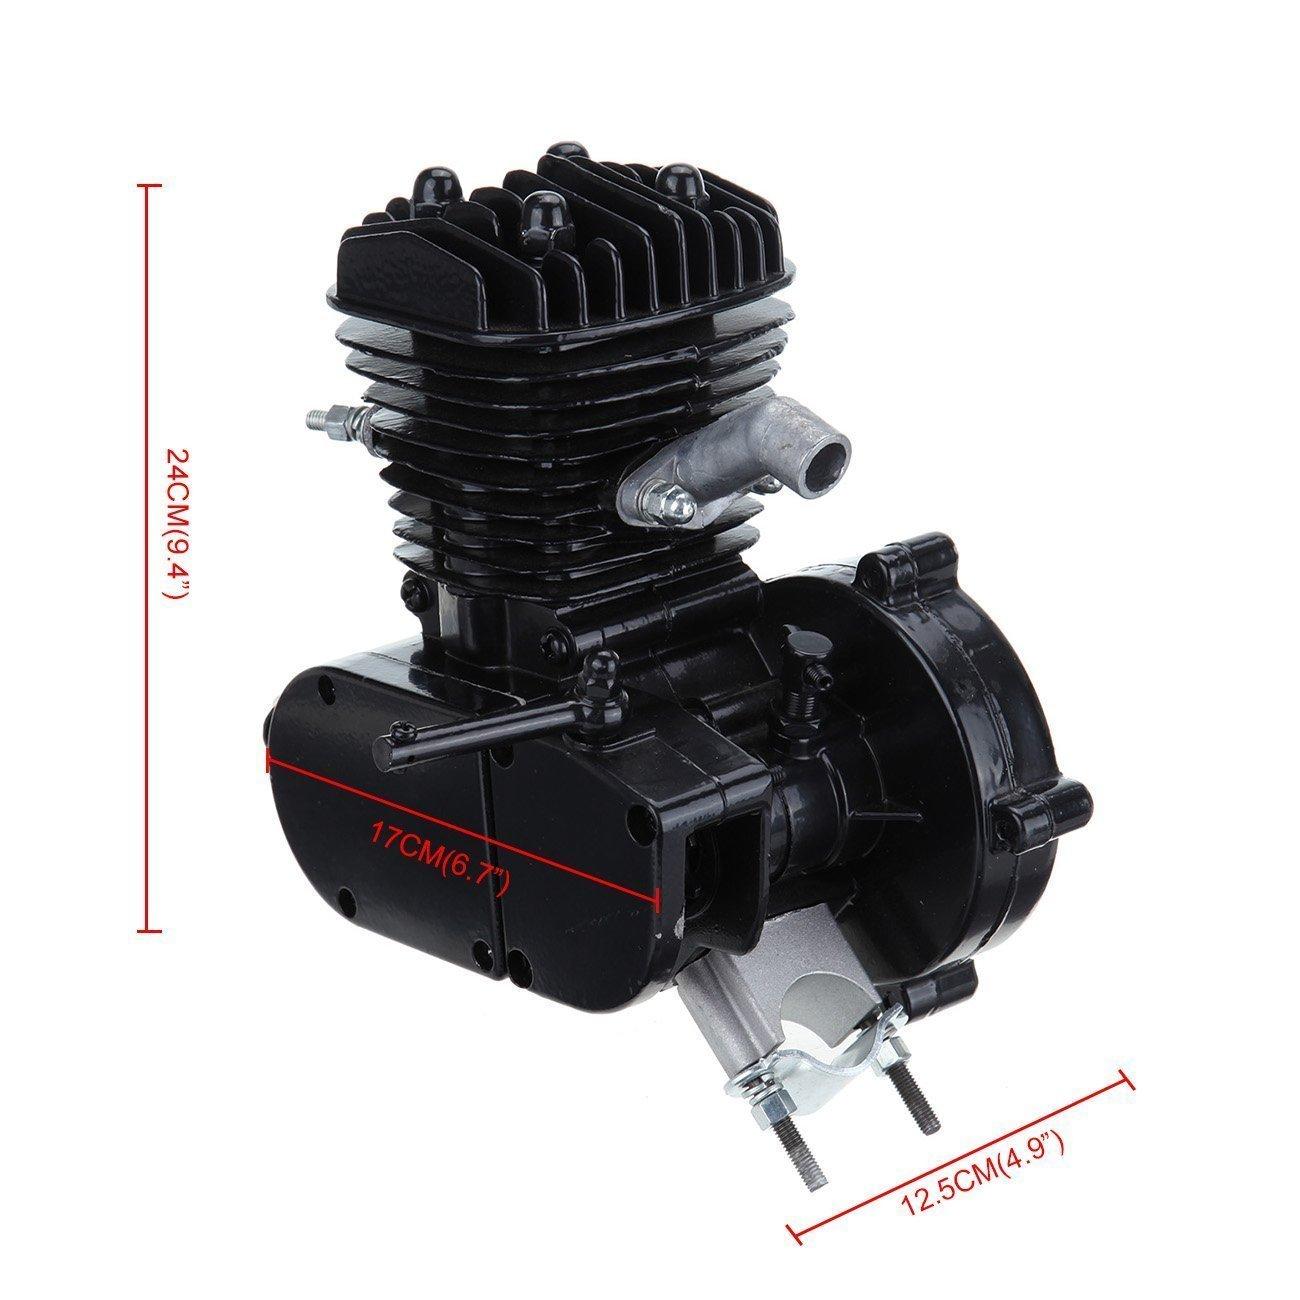 Seeutek 80cc Kit de motor para bicicleta tipo bicimoto. Motor de gasolina de 2 tiempos. Kit de mejora de bicicleta con velocímetro.: Amazon.es: Coche y moto